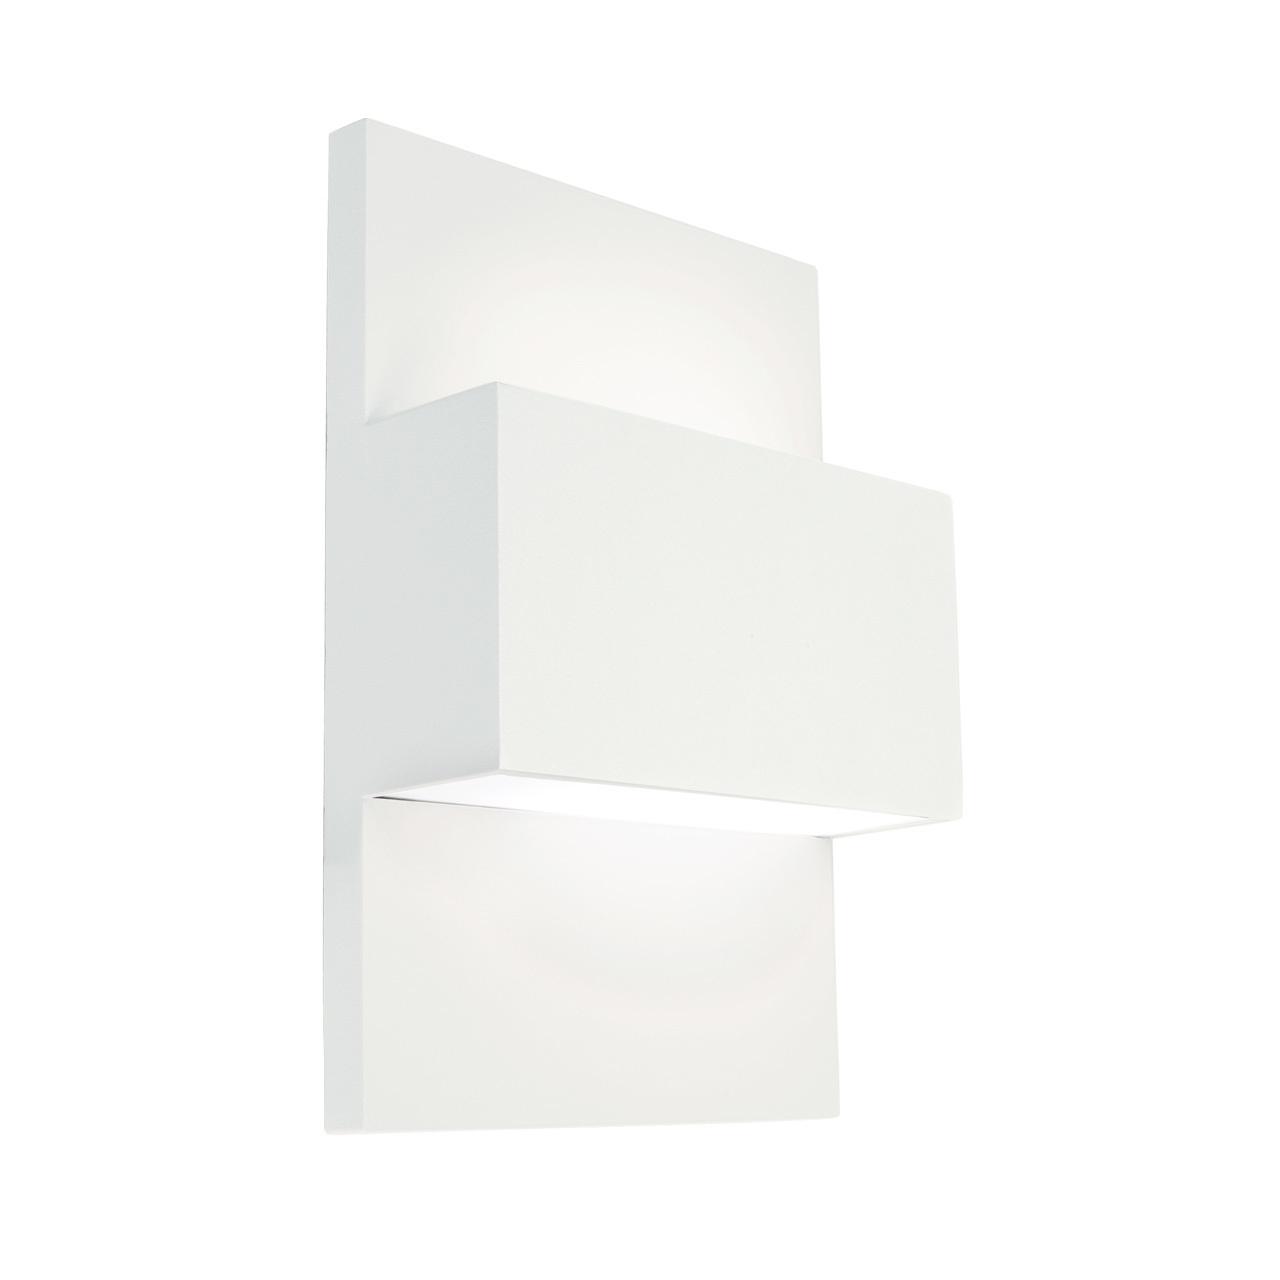 Lampa ścienna GENEVE LED 879W -Norlys  SPRAWDŹ RABATY  5-10-15-20 % w koszyku